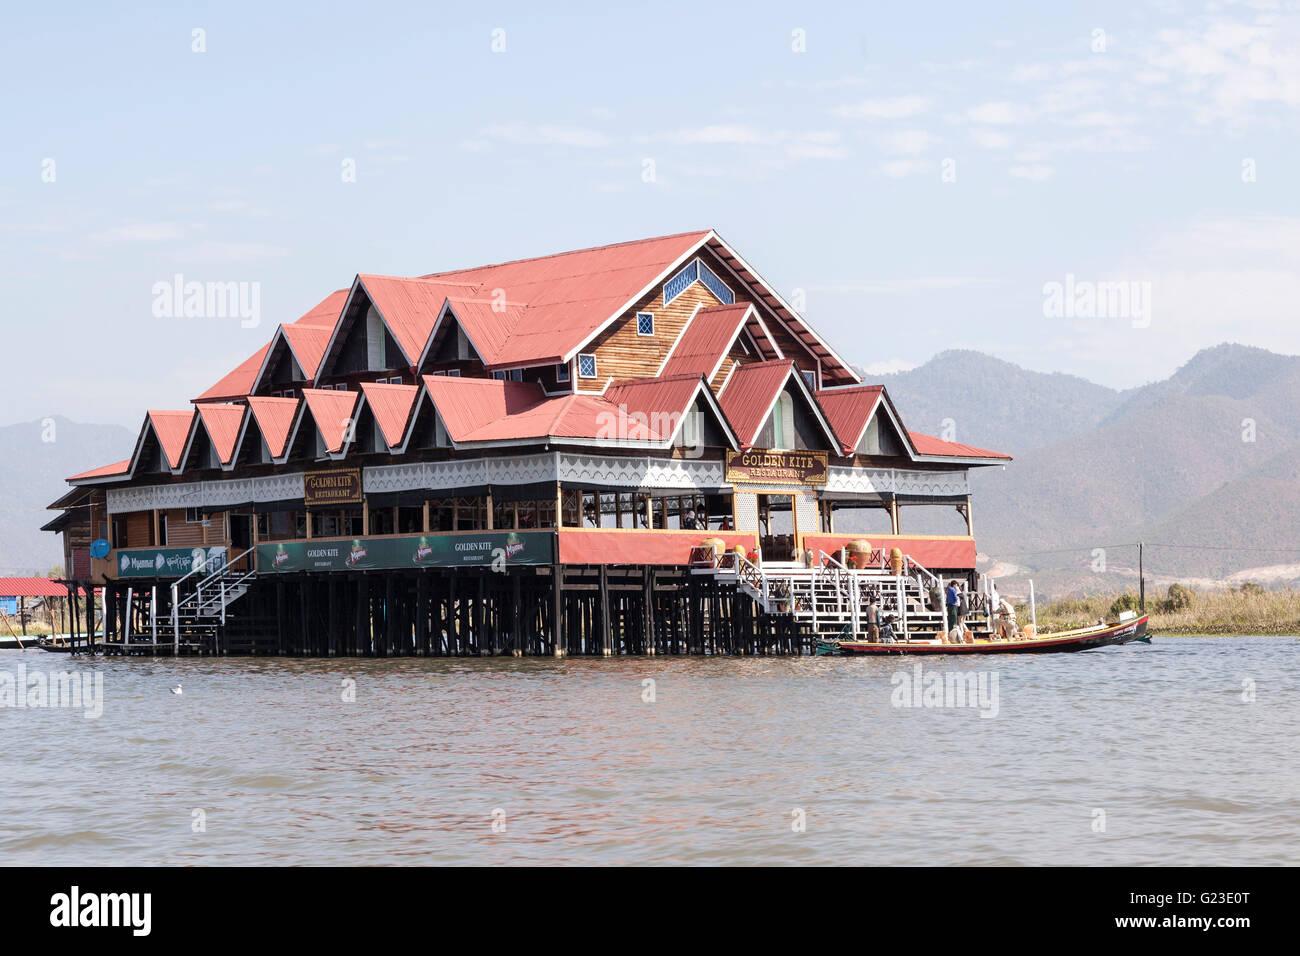 Auf dem Inle-See, eine malerische Seerestaurant (Myanmar). UN-original Restaurant Lacustre Sur le Lac Inlé Stockbild